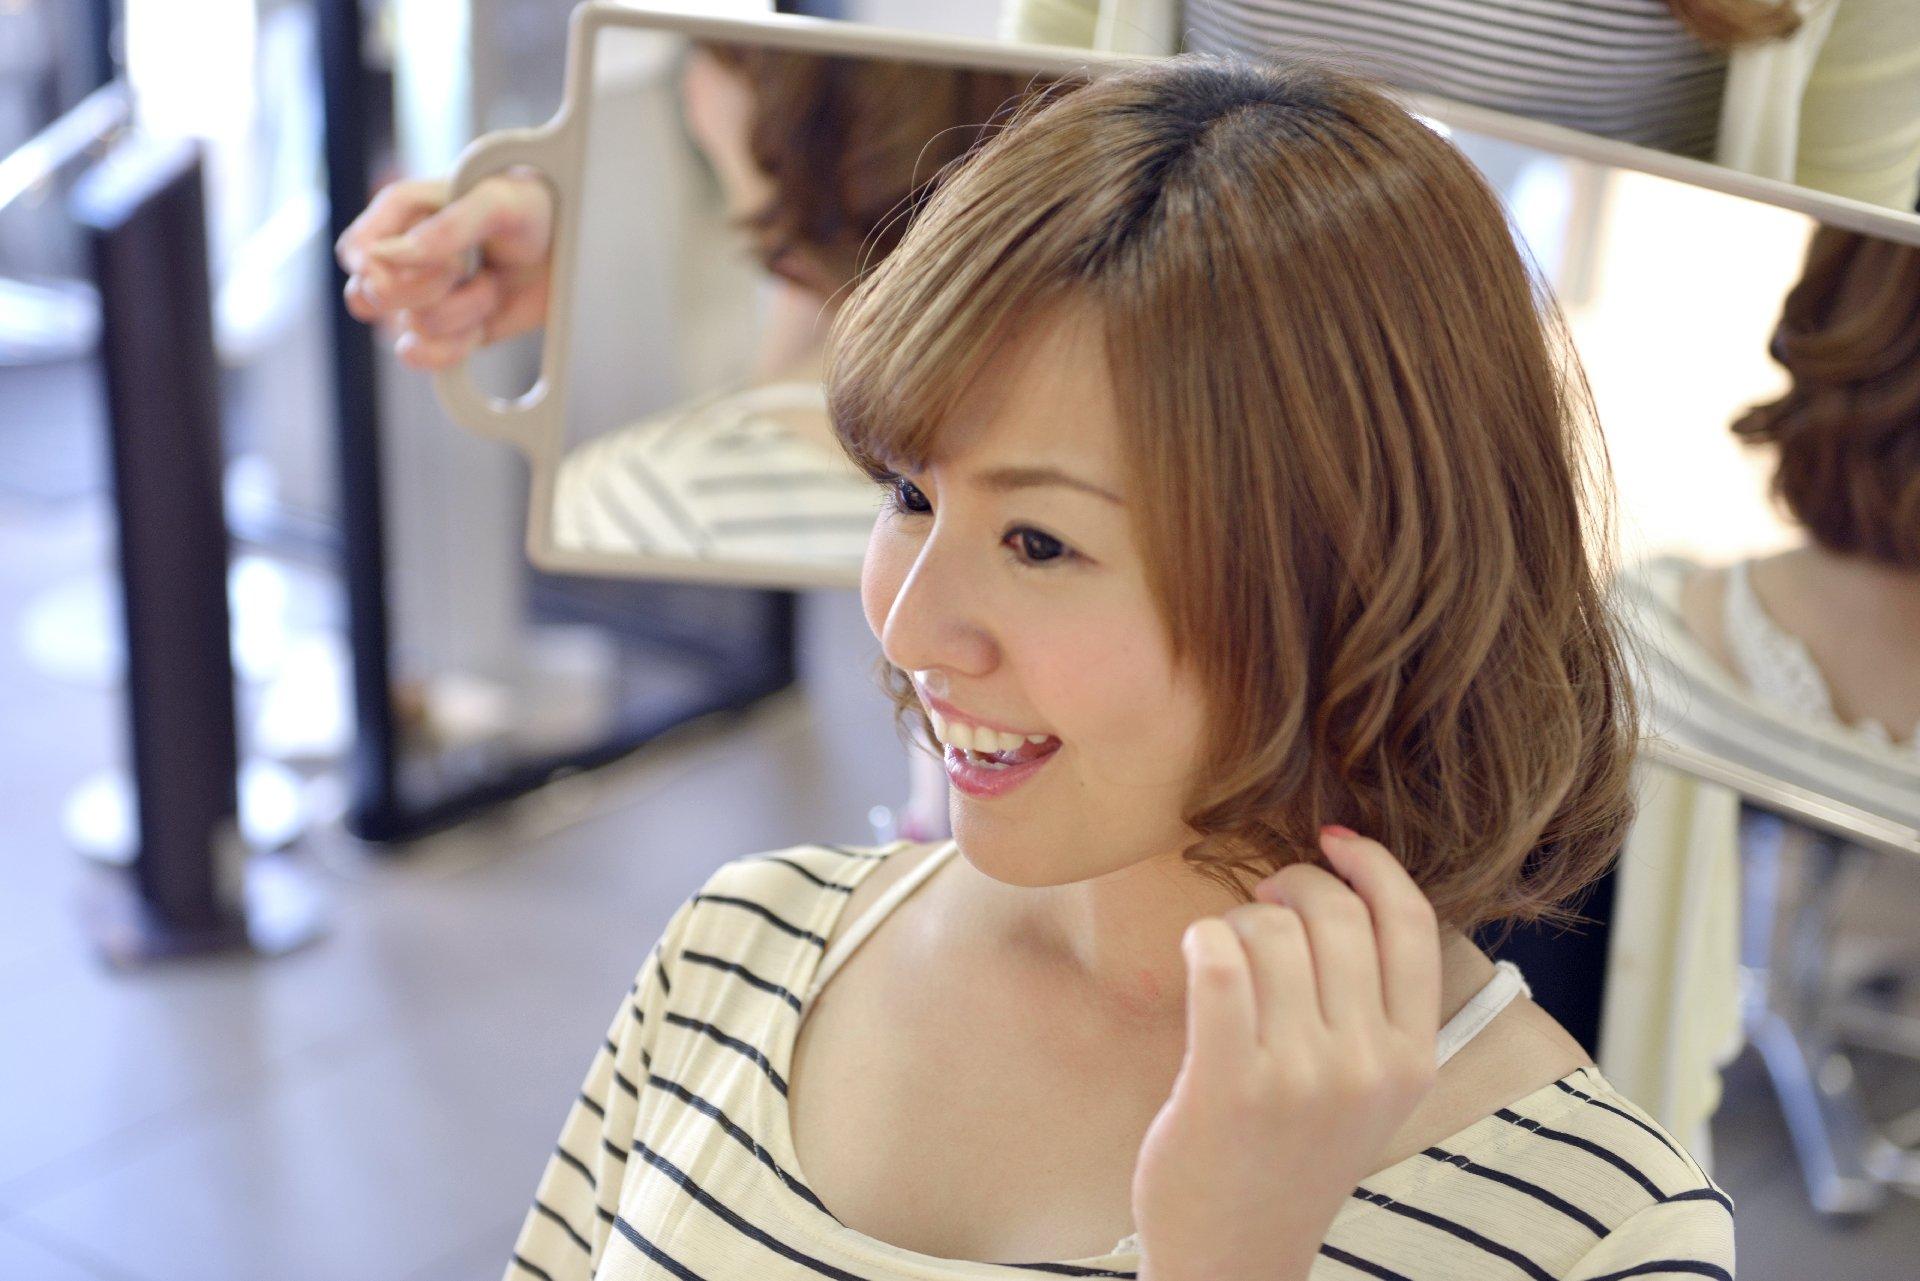 26722522e48571666b11beab085c5f2c - 《美容師流》ヘアーカット当日にすべきこと・してはいけないこと